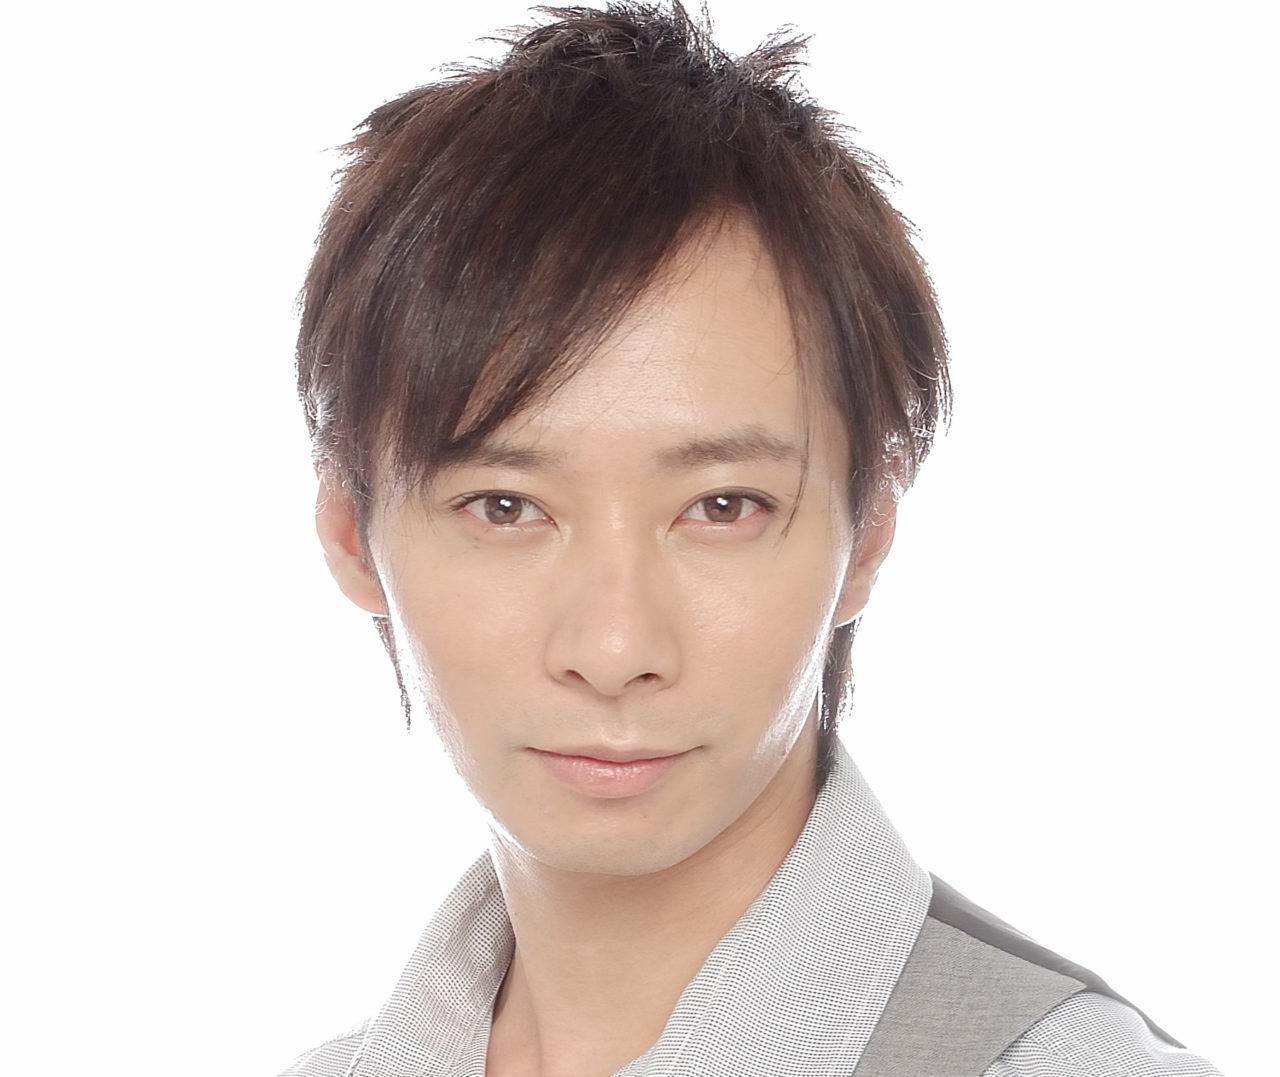 人気俳優だったいしだ壱成は過去に逮捕され急速に人気は失速。芸能界復帰後、元 タレントの三宅恵美(現在、谷原章介の嫁)とできちゃった結婚するもわずか3年で離婚。